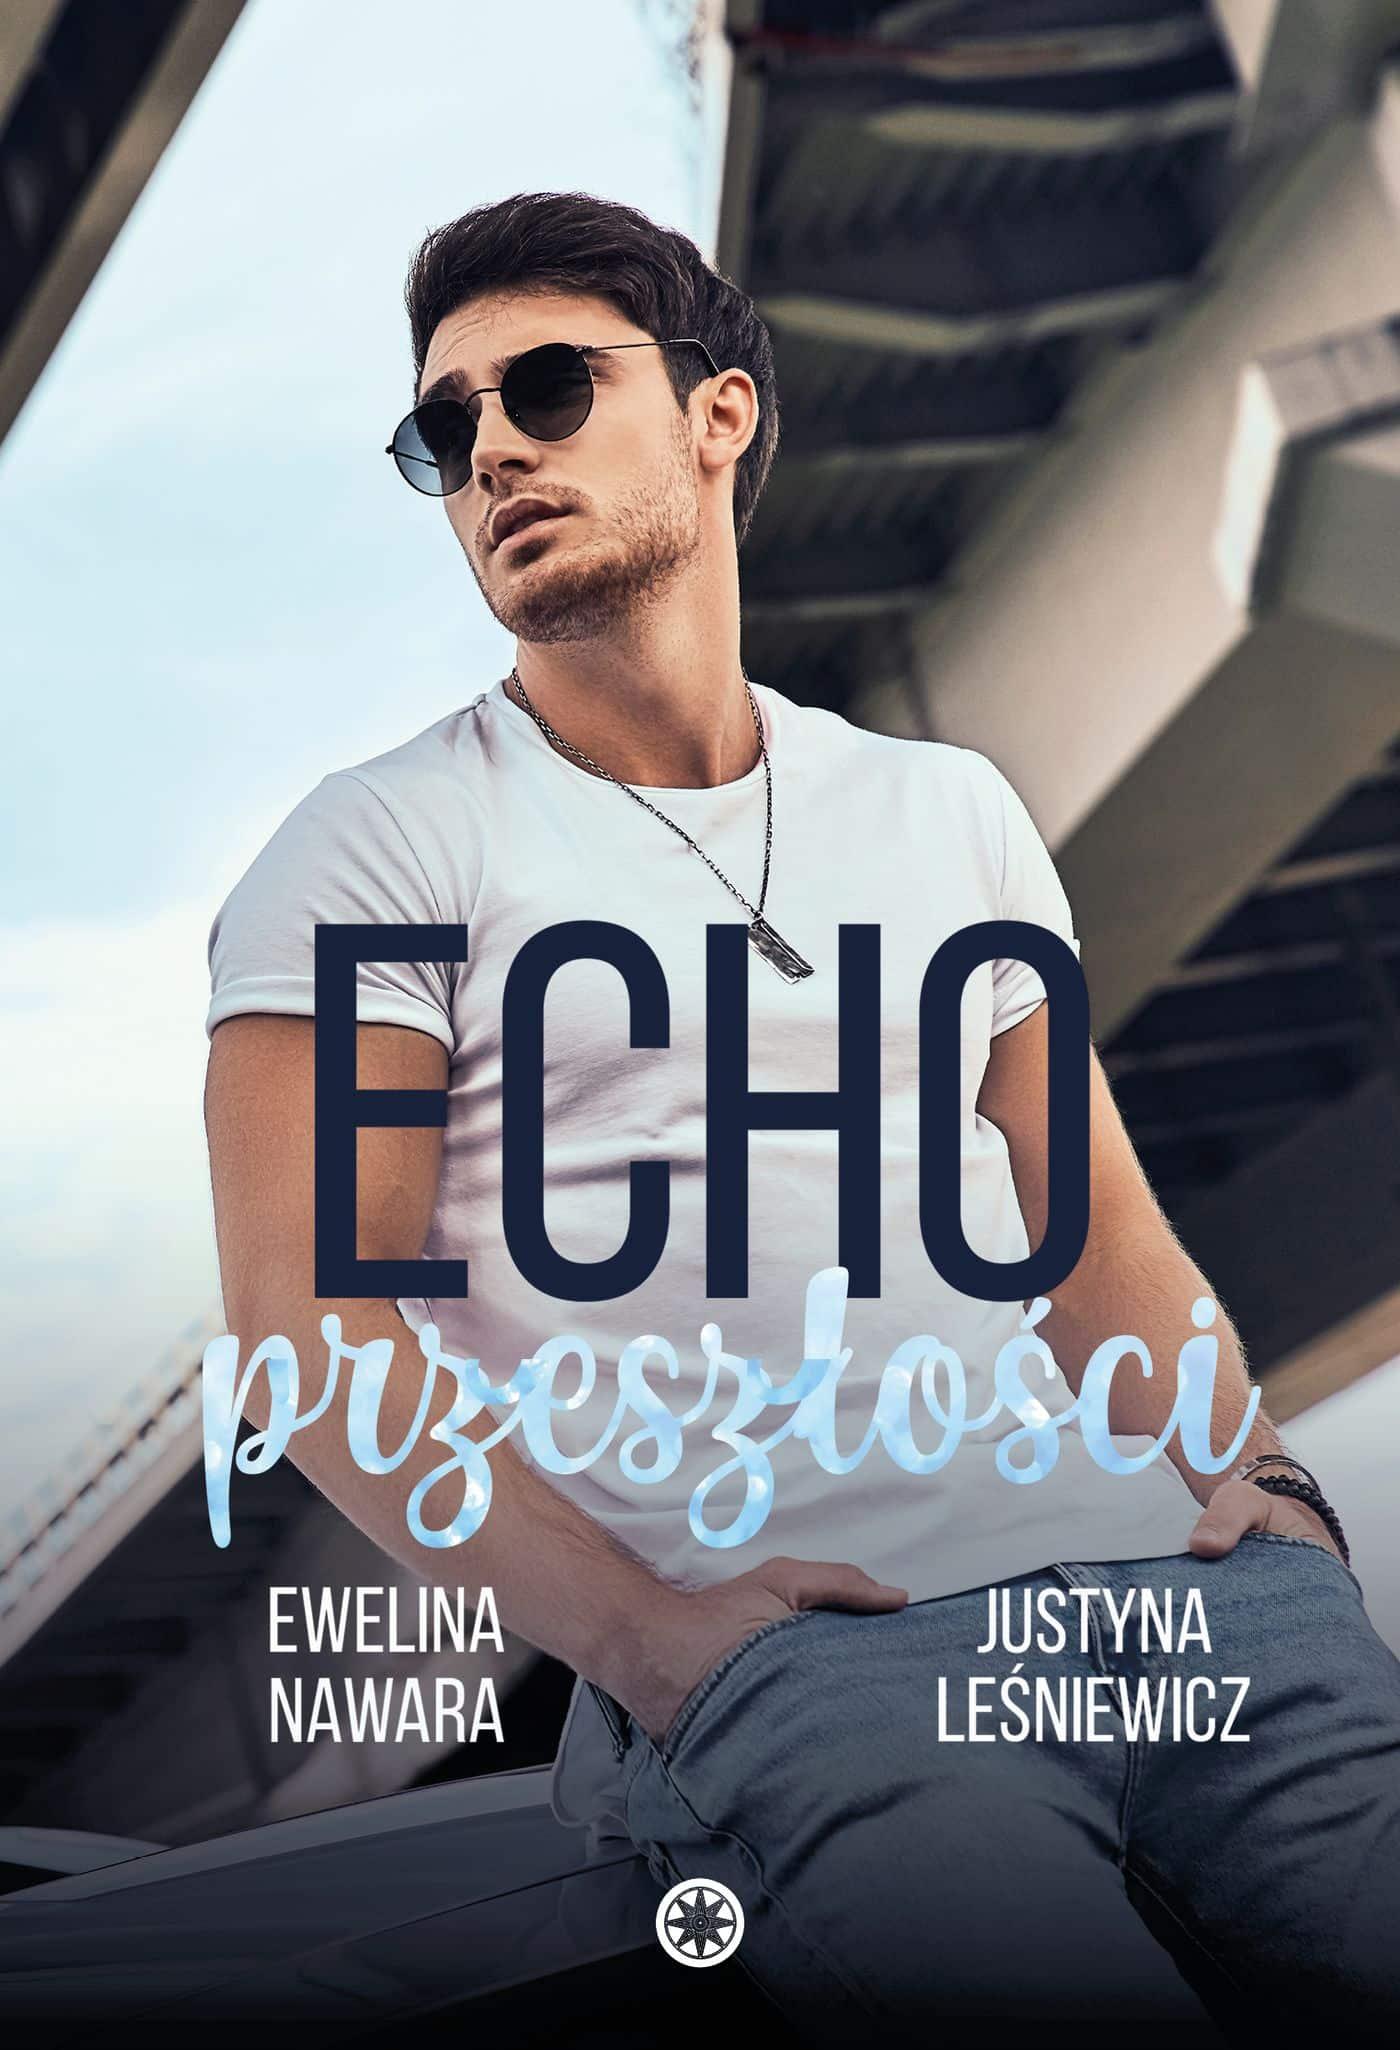 Echo przeszłości - E. Nawara & J. Leśniewicz